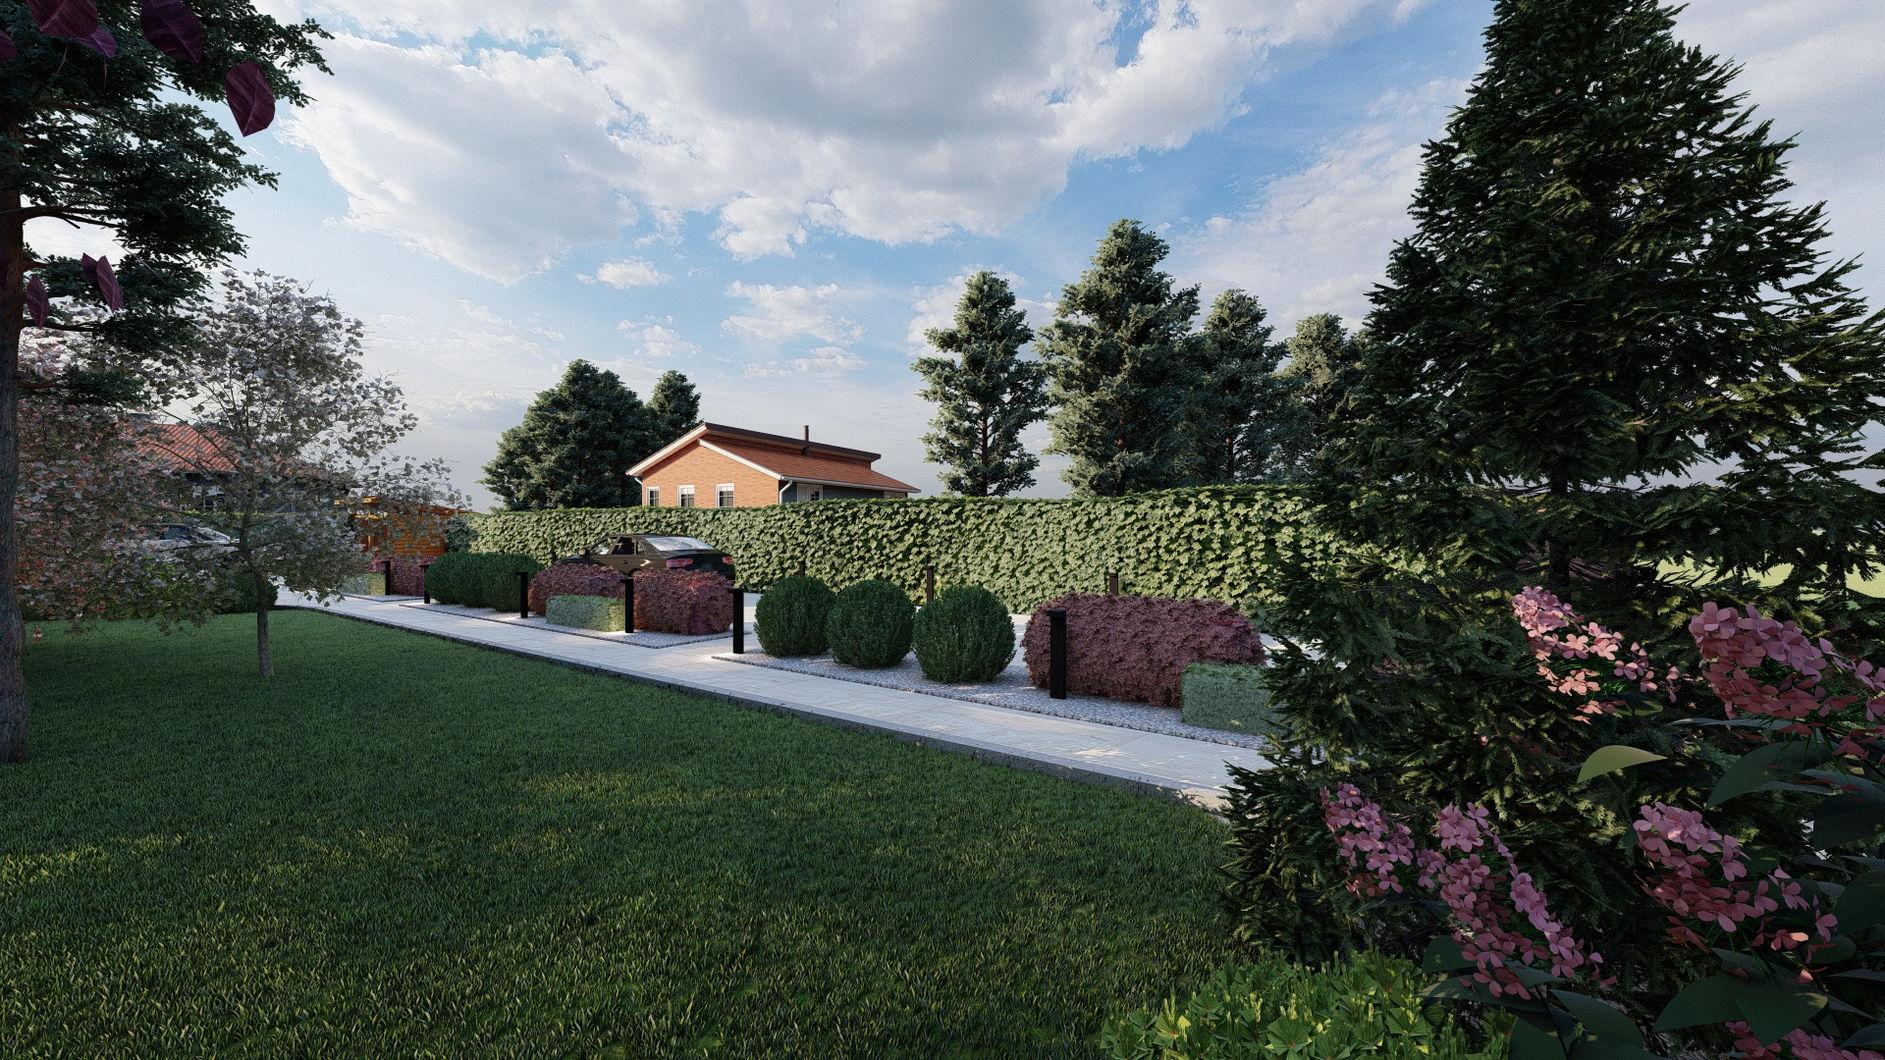 3D Lumion Landscape